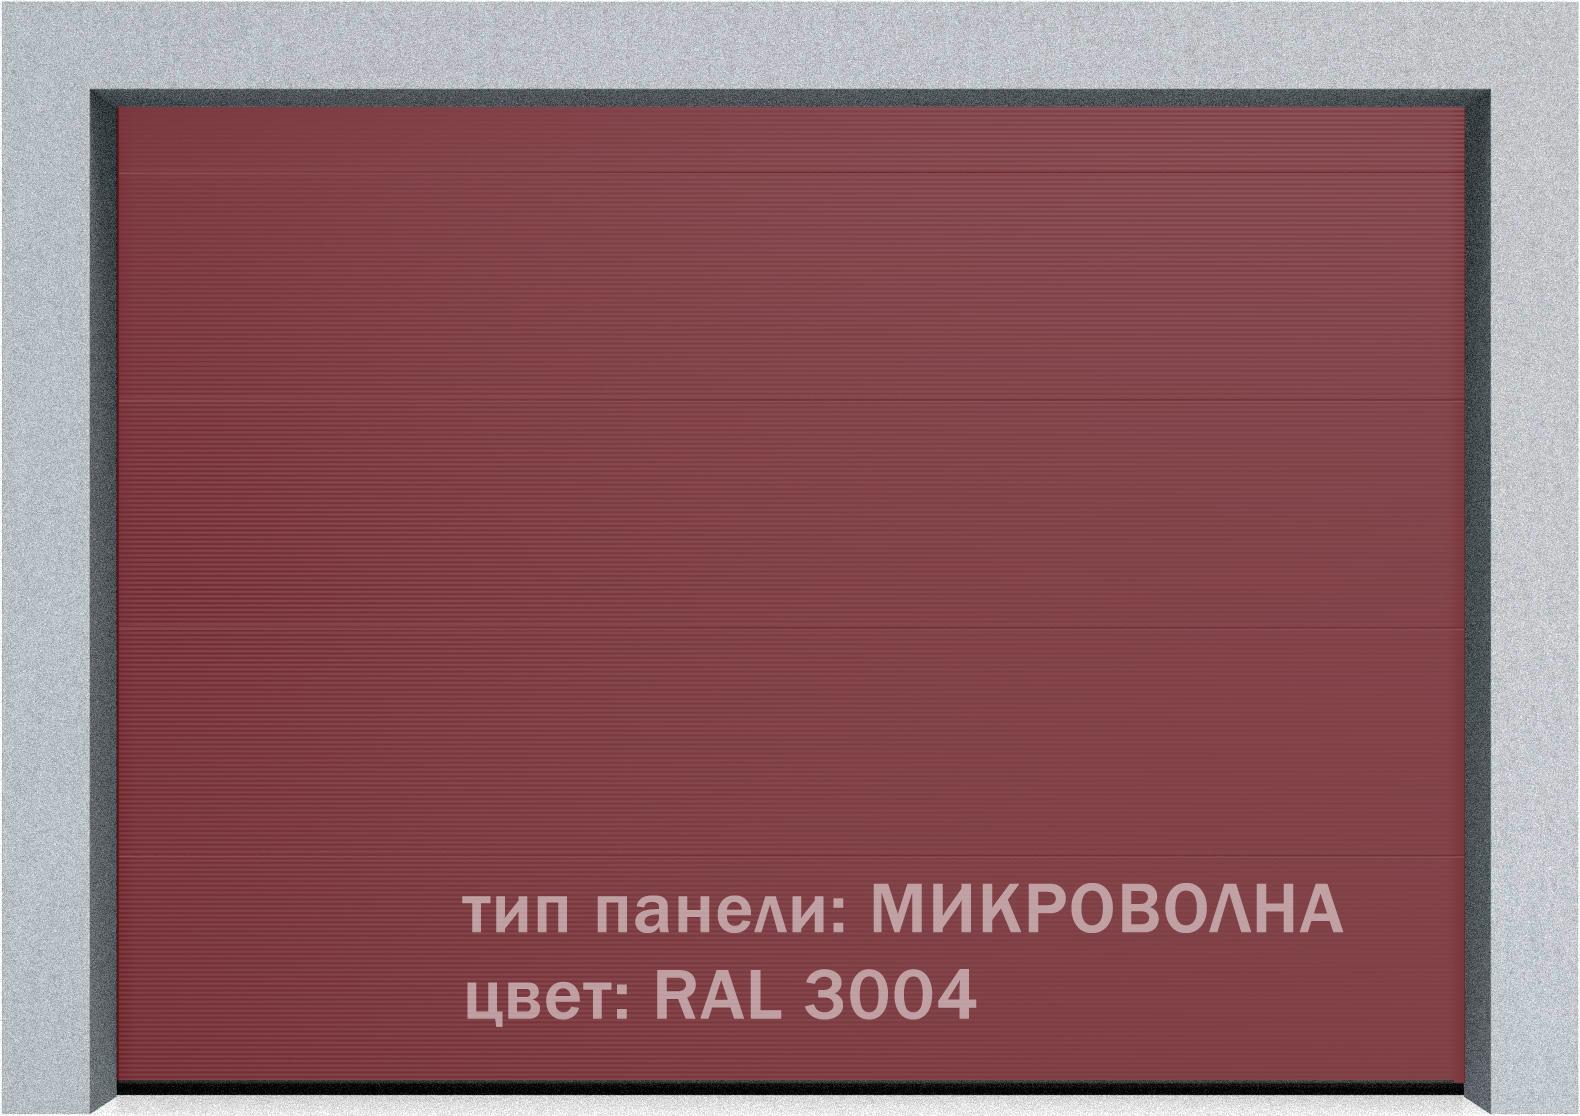 Секционные гаражные ворота Alutech Trend 1875x2250 S-гофр, Микроволна стандартные цвета, пружины растяжения, фото 15